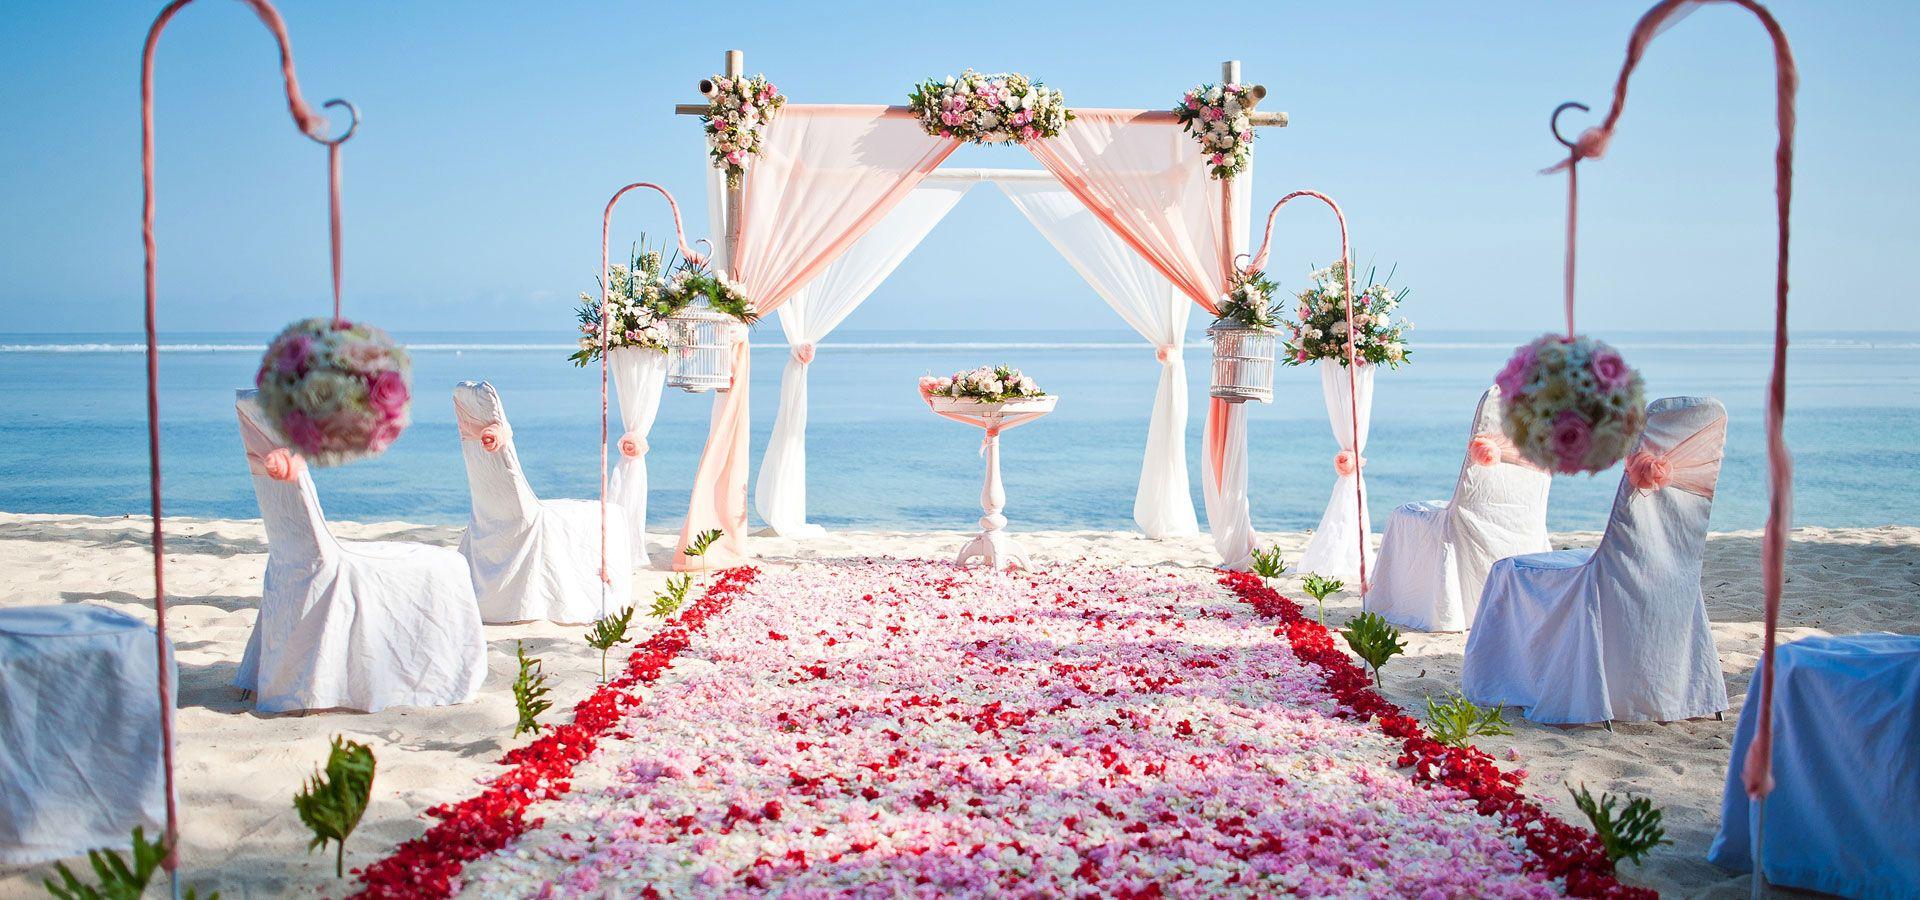 Best beach wedding decoration in kuta bali indonesian wedding best beach wedding decoration in kuta bali indonesian junglespirit Choice Image